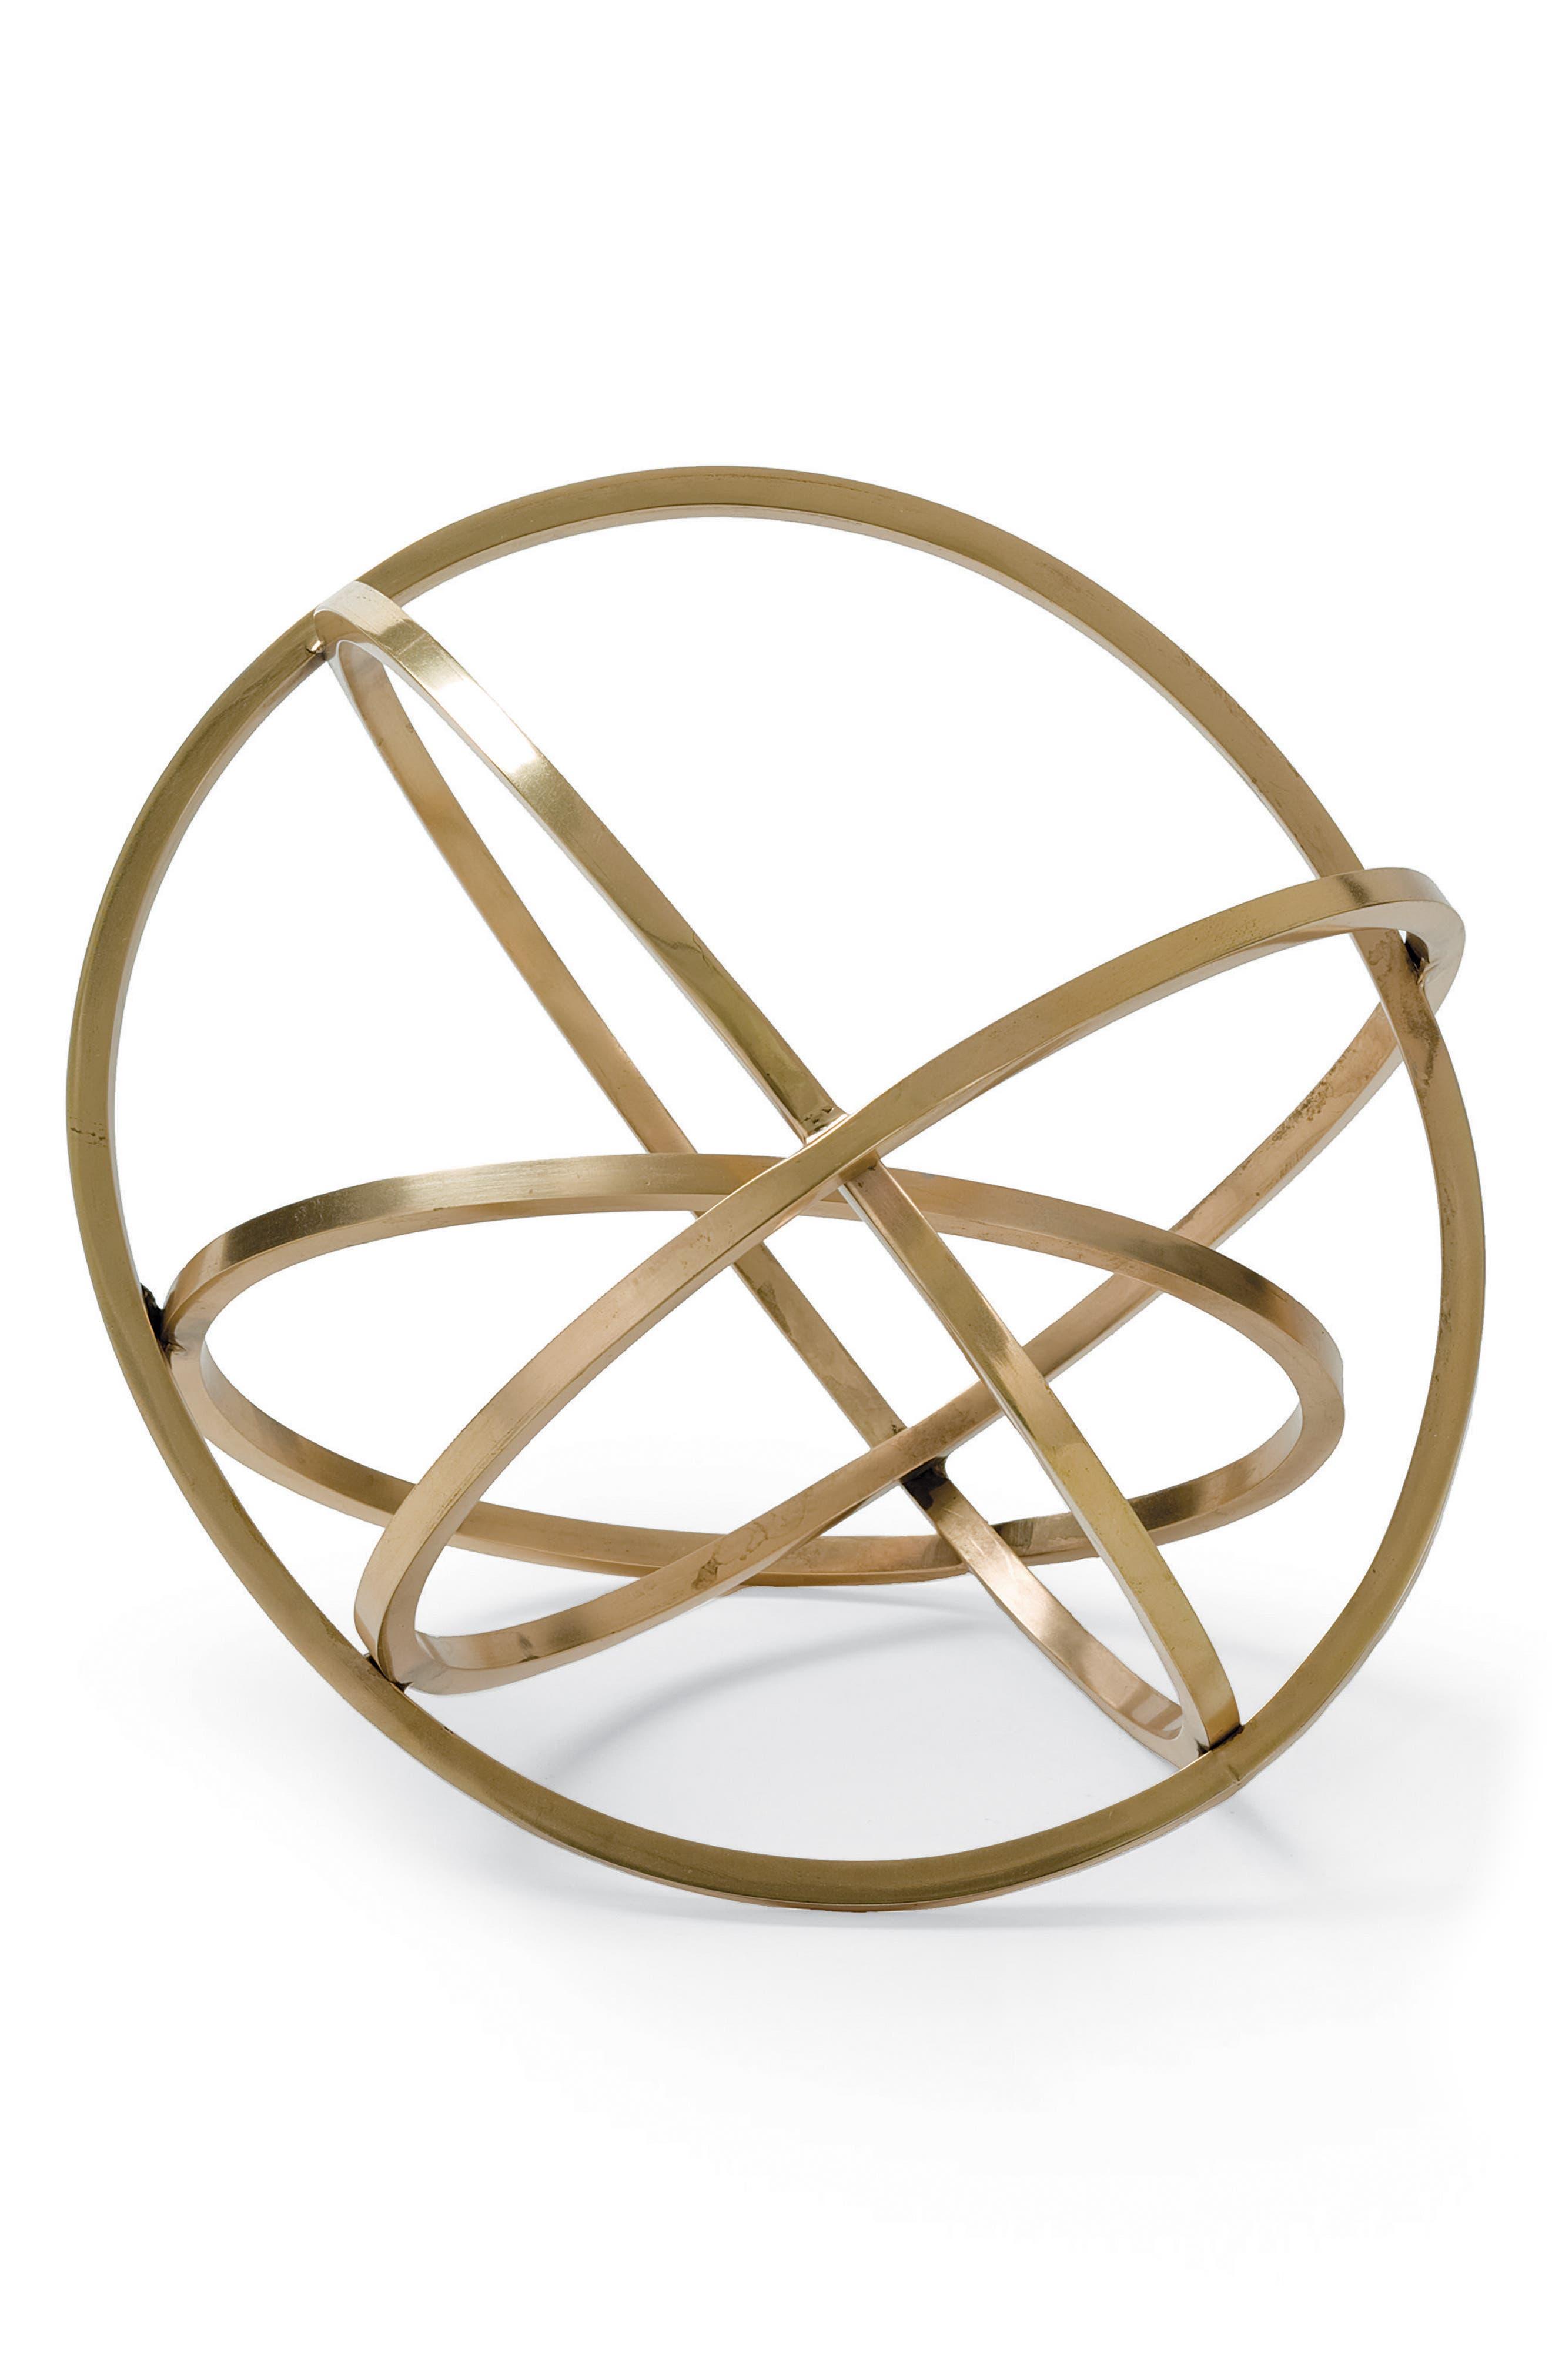 Regina Andrew Ellipse Sculpture